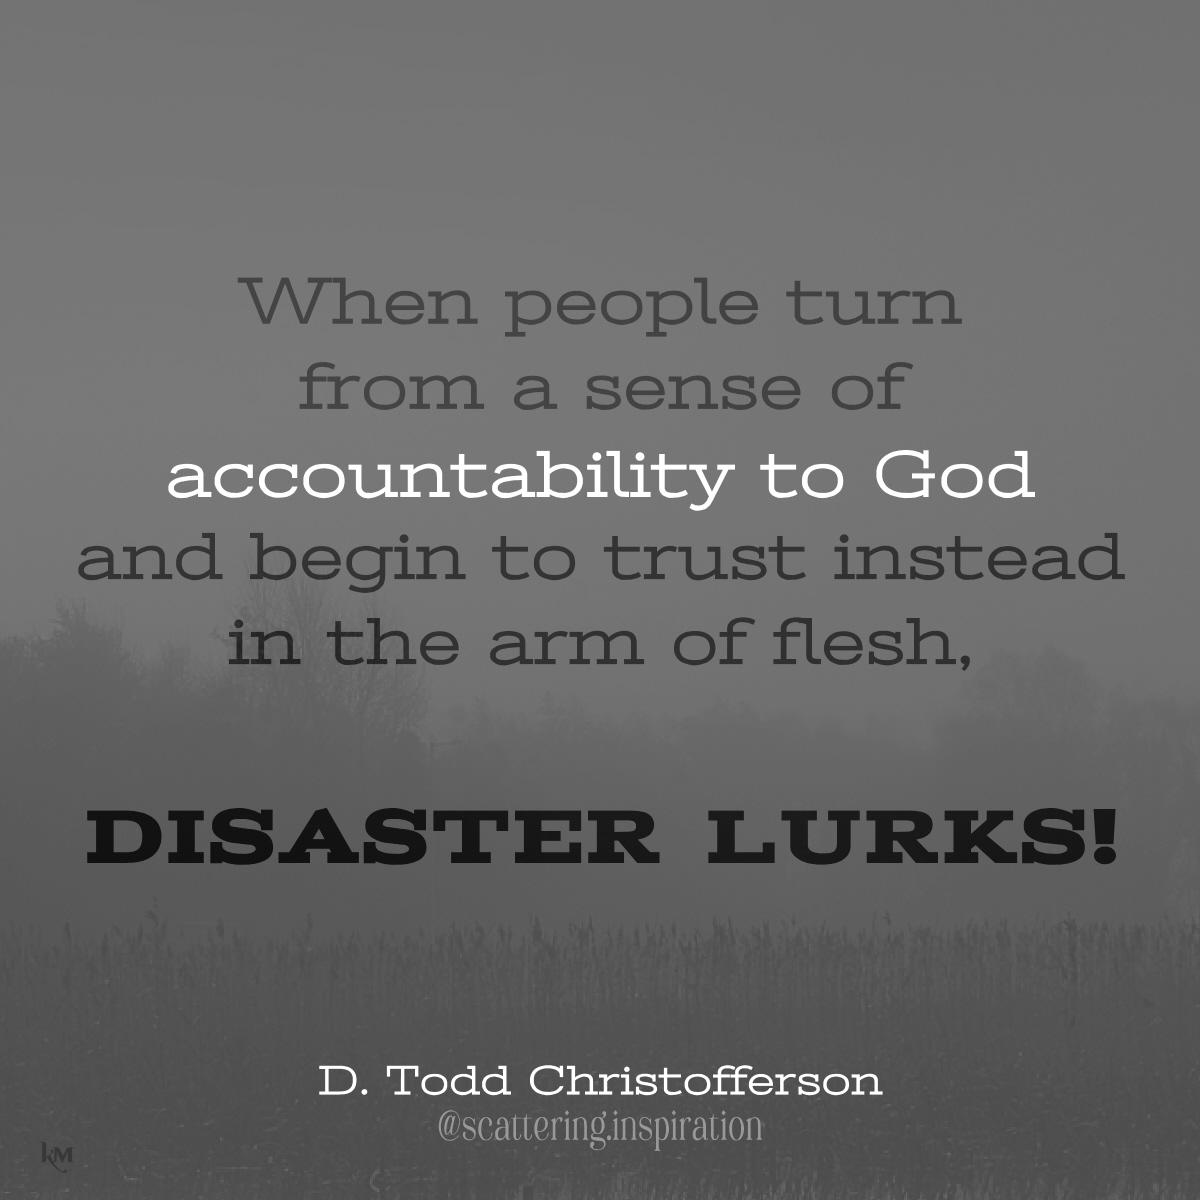 disaster lurks